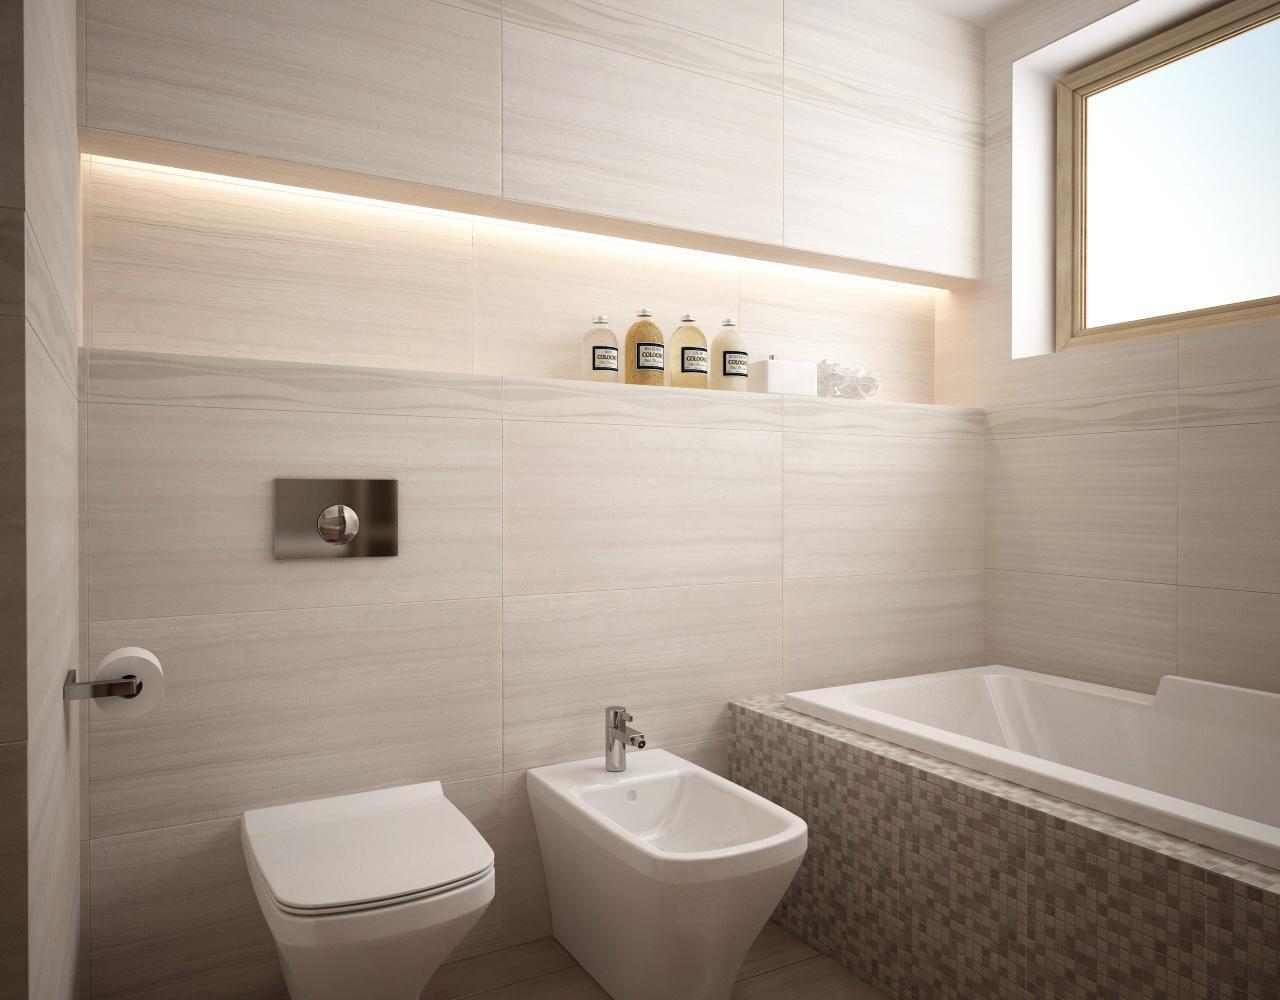 Vizualizácie kúpeľní v rodinnom dome. - Matný obklad MADEIRA 40x80 cm. Obklady a dlažba sú v rektifikovanom prevedení - môžu sa ukladať s minimálnou škárou.